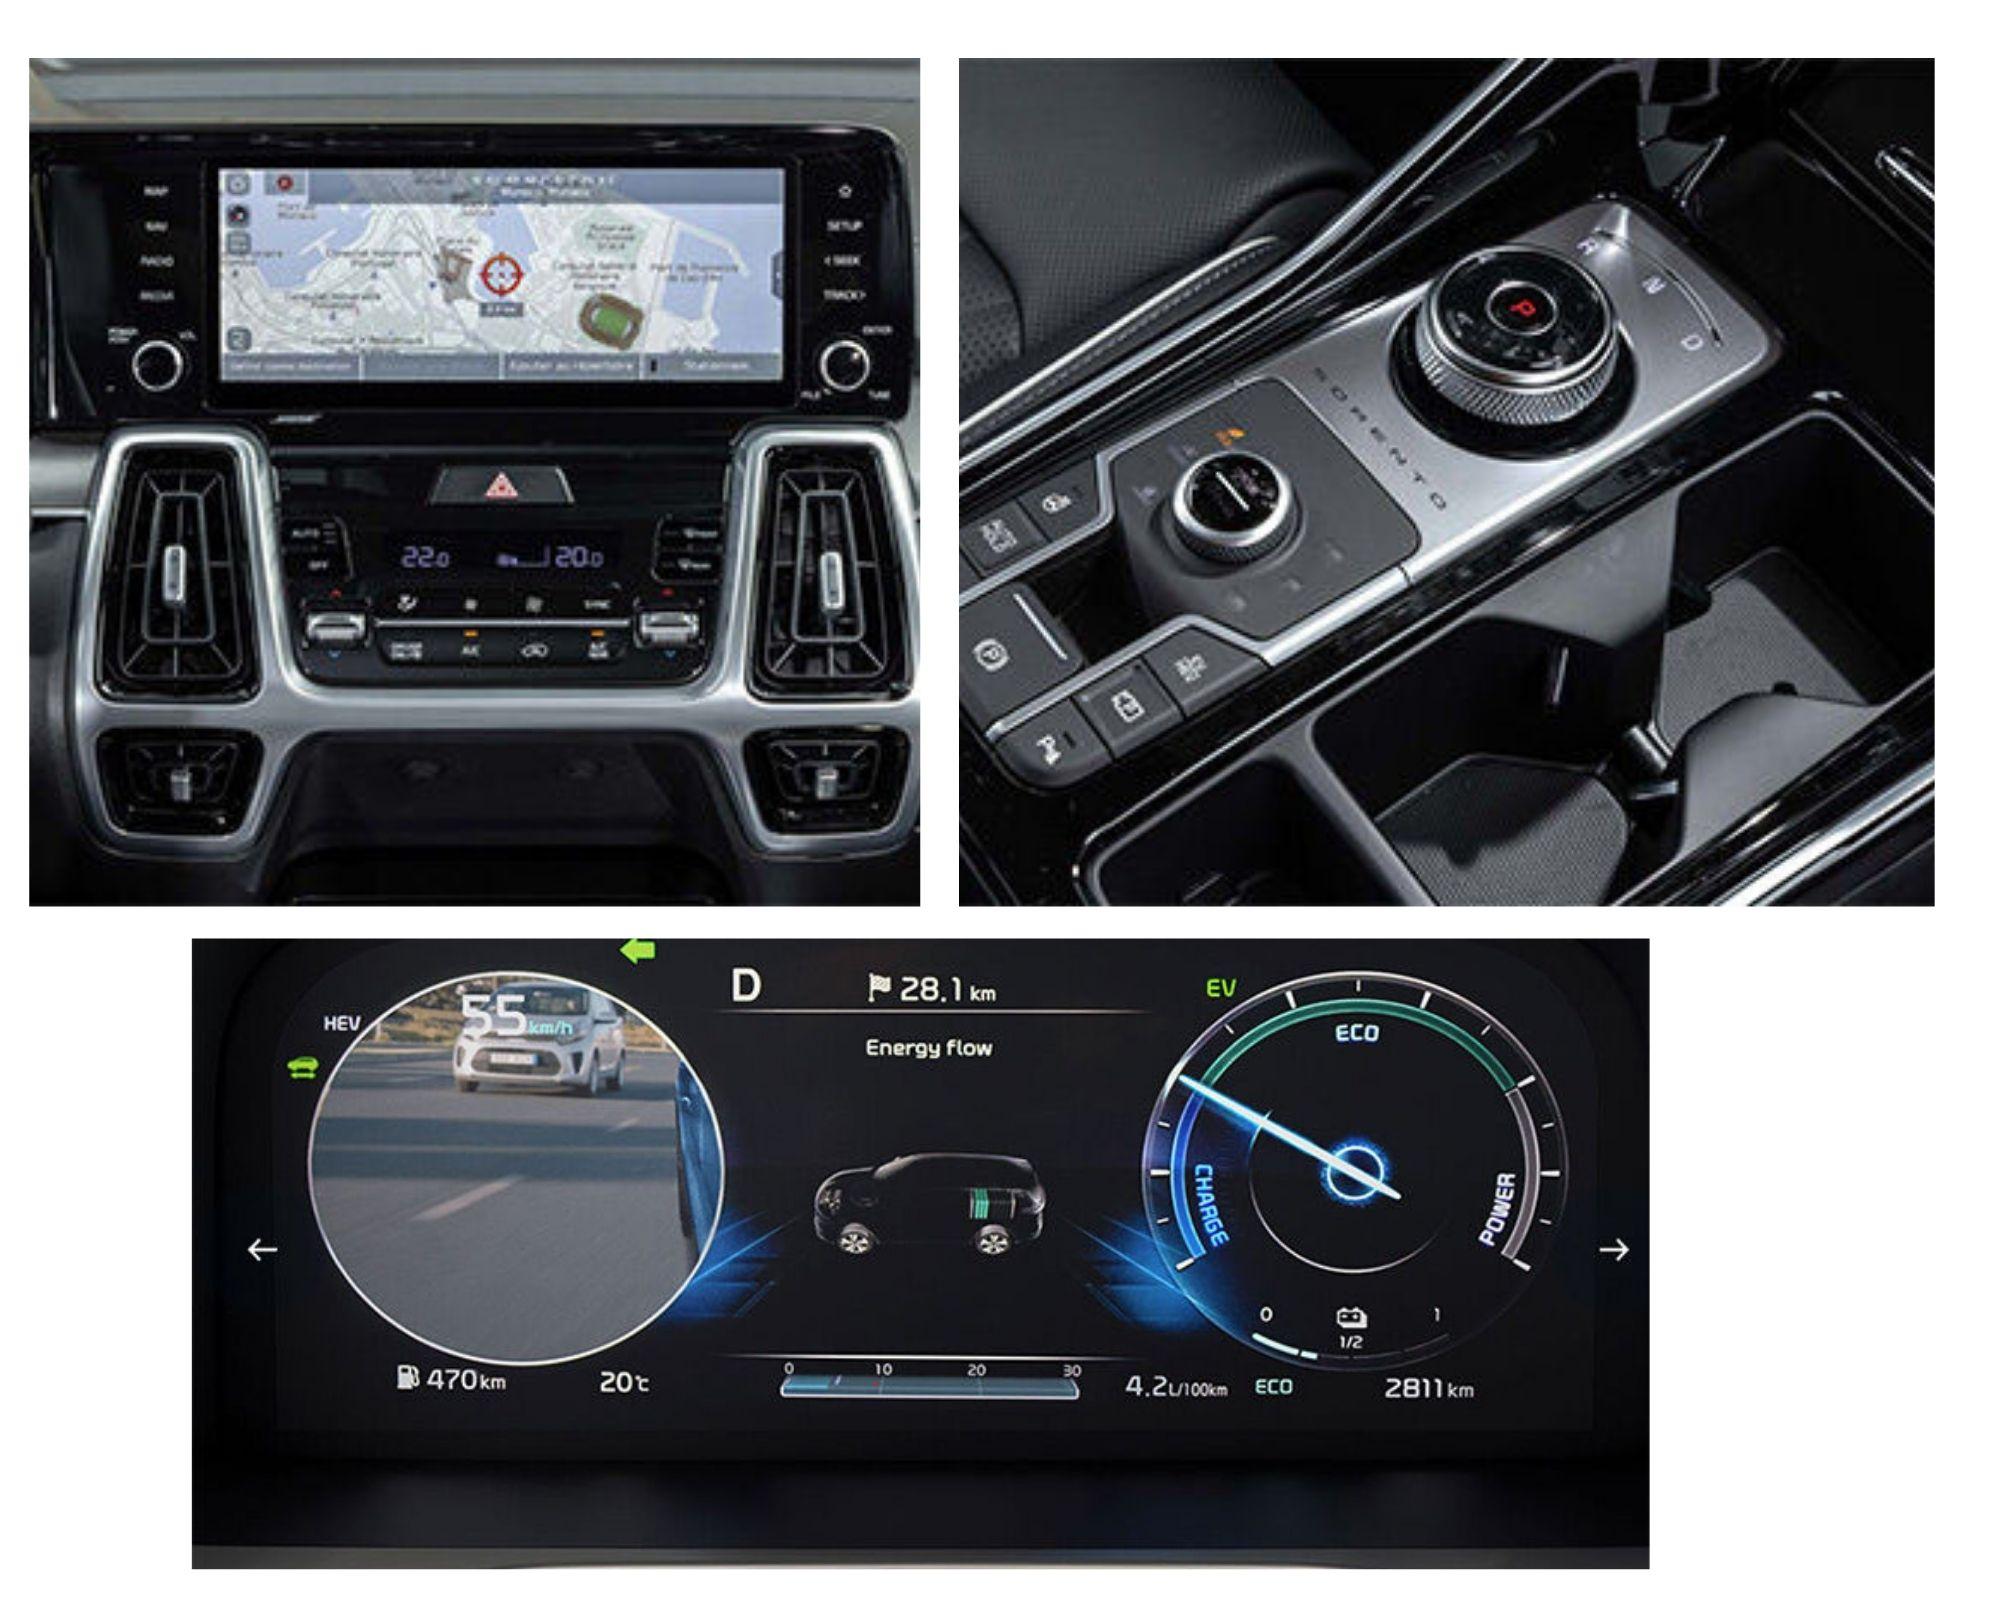 Kia Sorento Hybride rechargeable